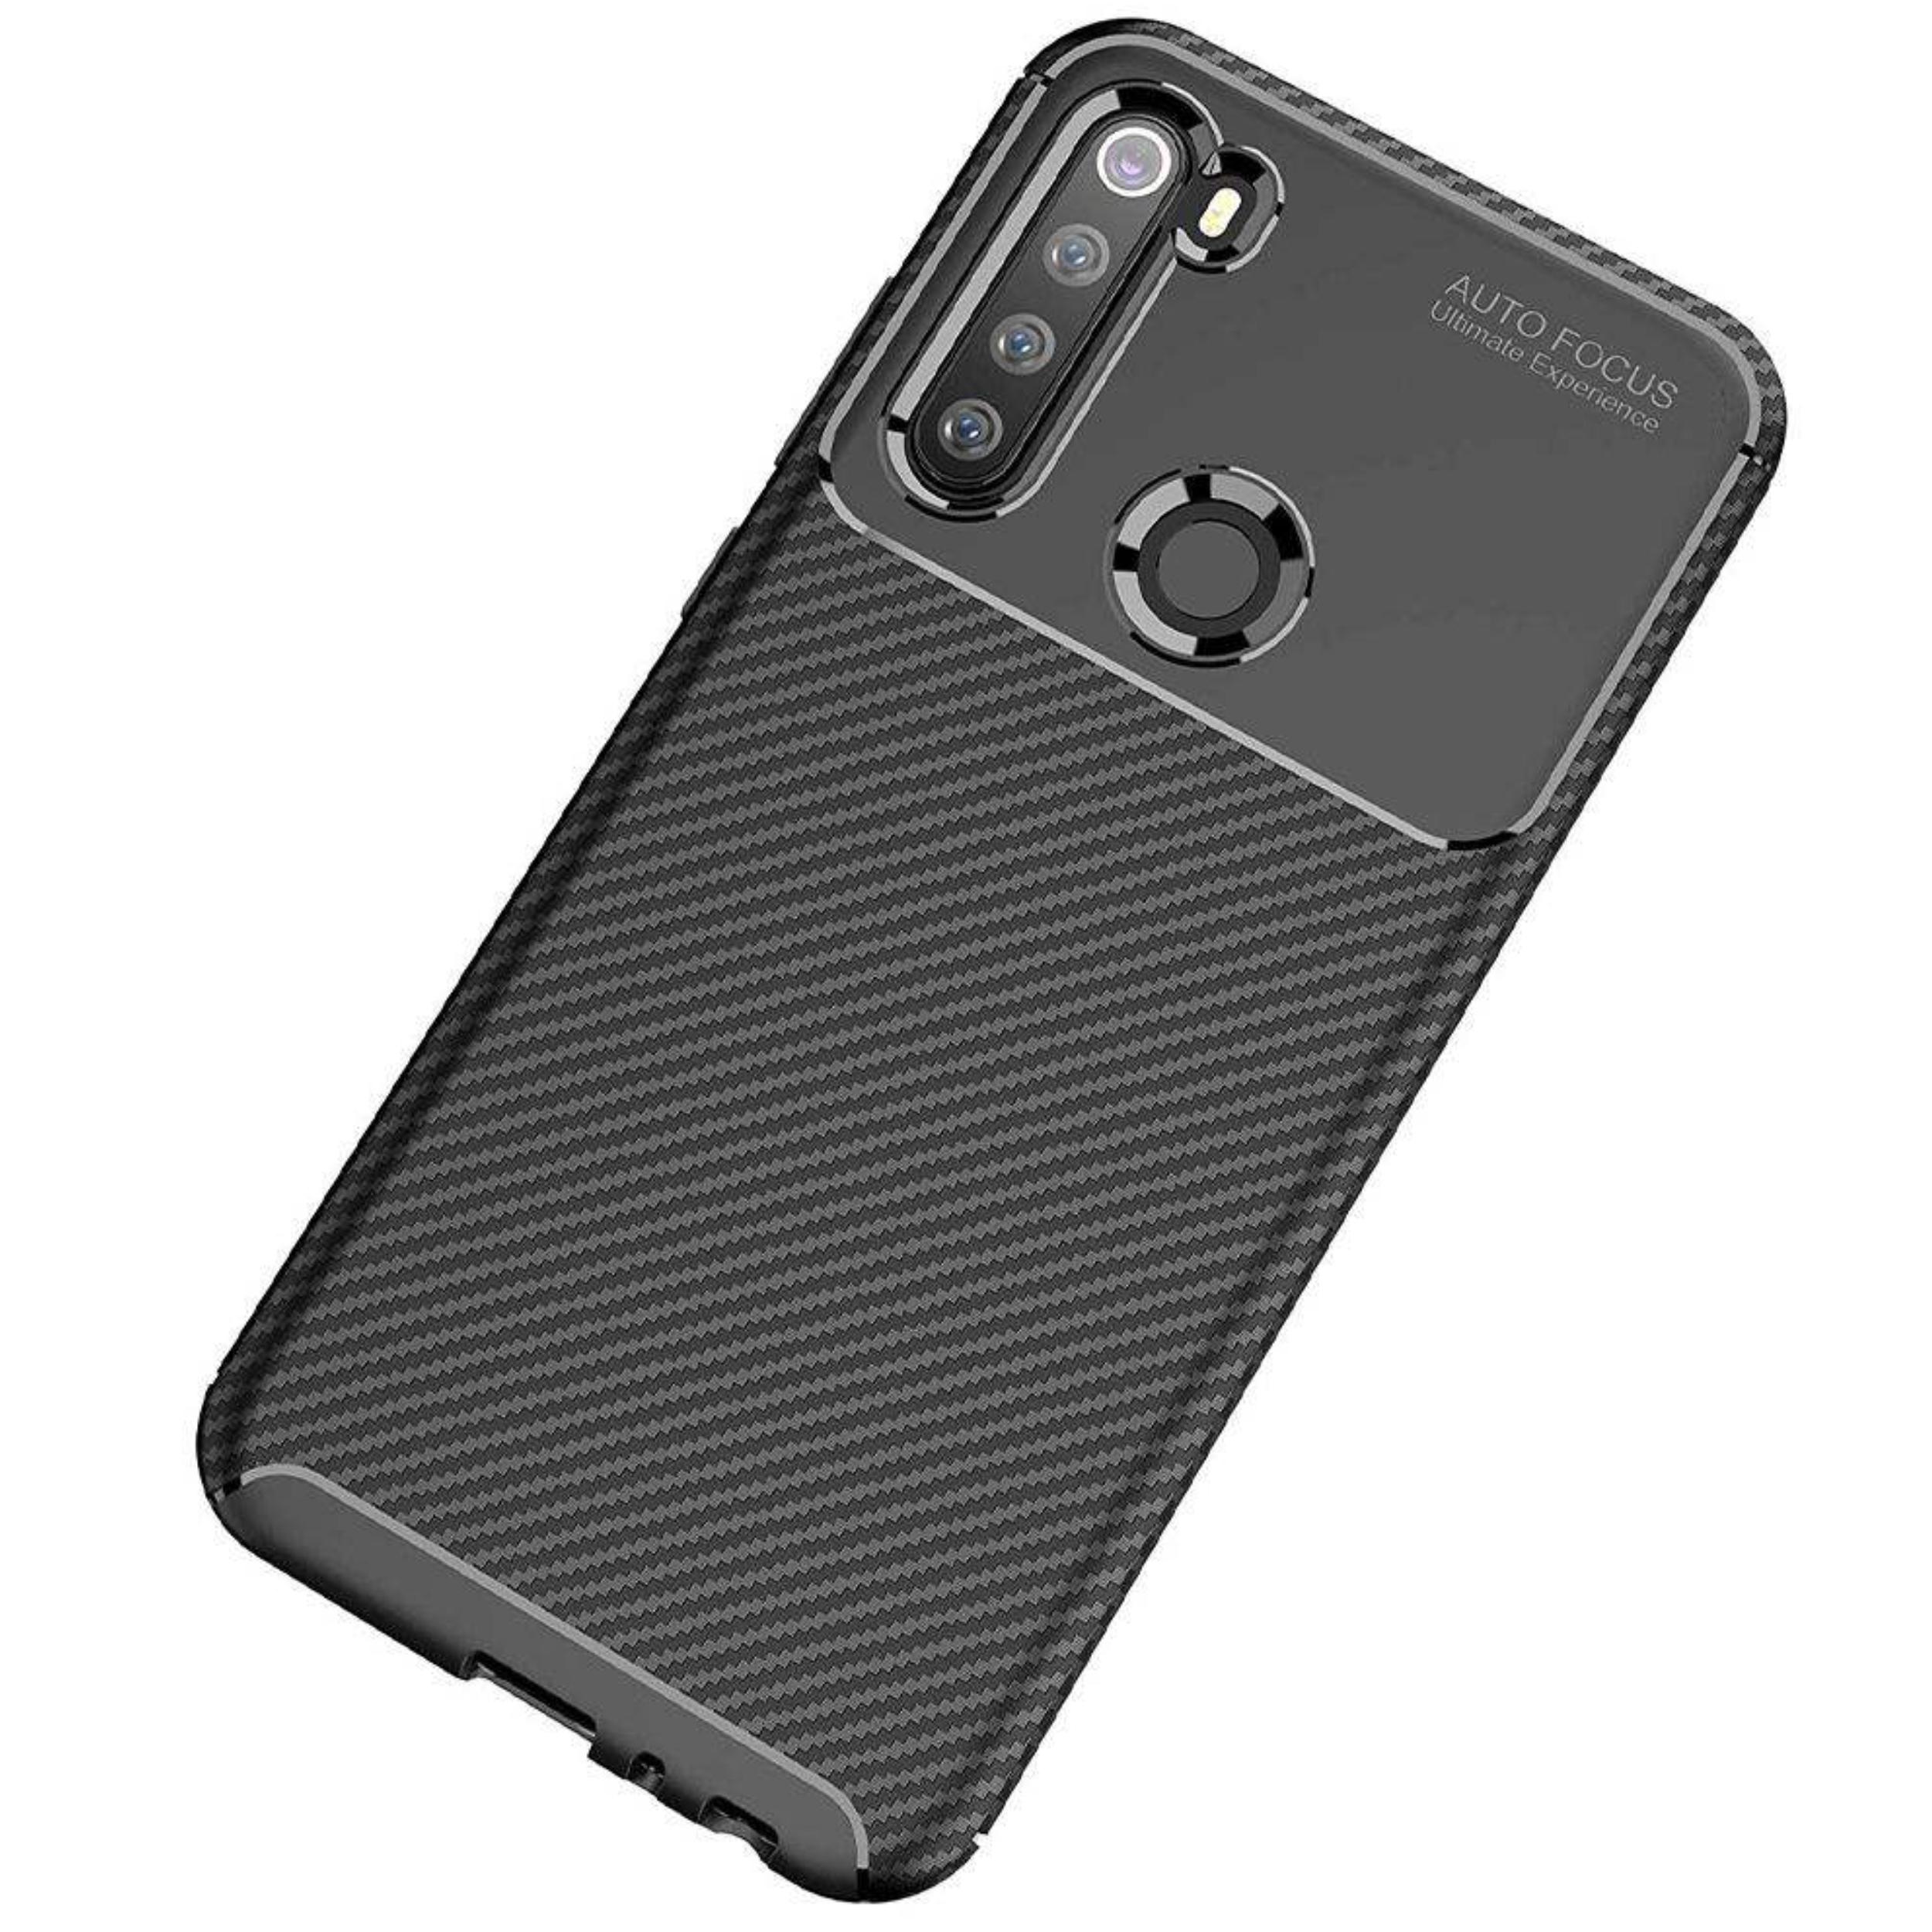 کاور لاین کینگ مدل A21 مناسب برای گوشی موبایل شیائومی Redmi Note 8T thumb 2 6